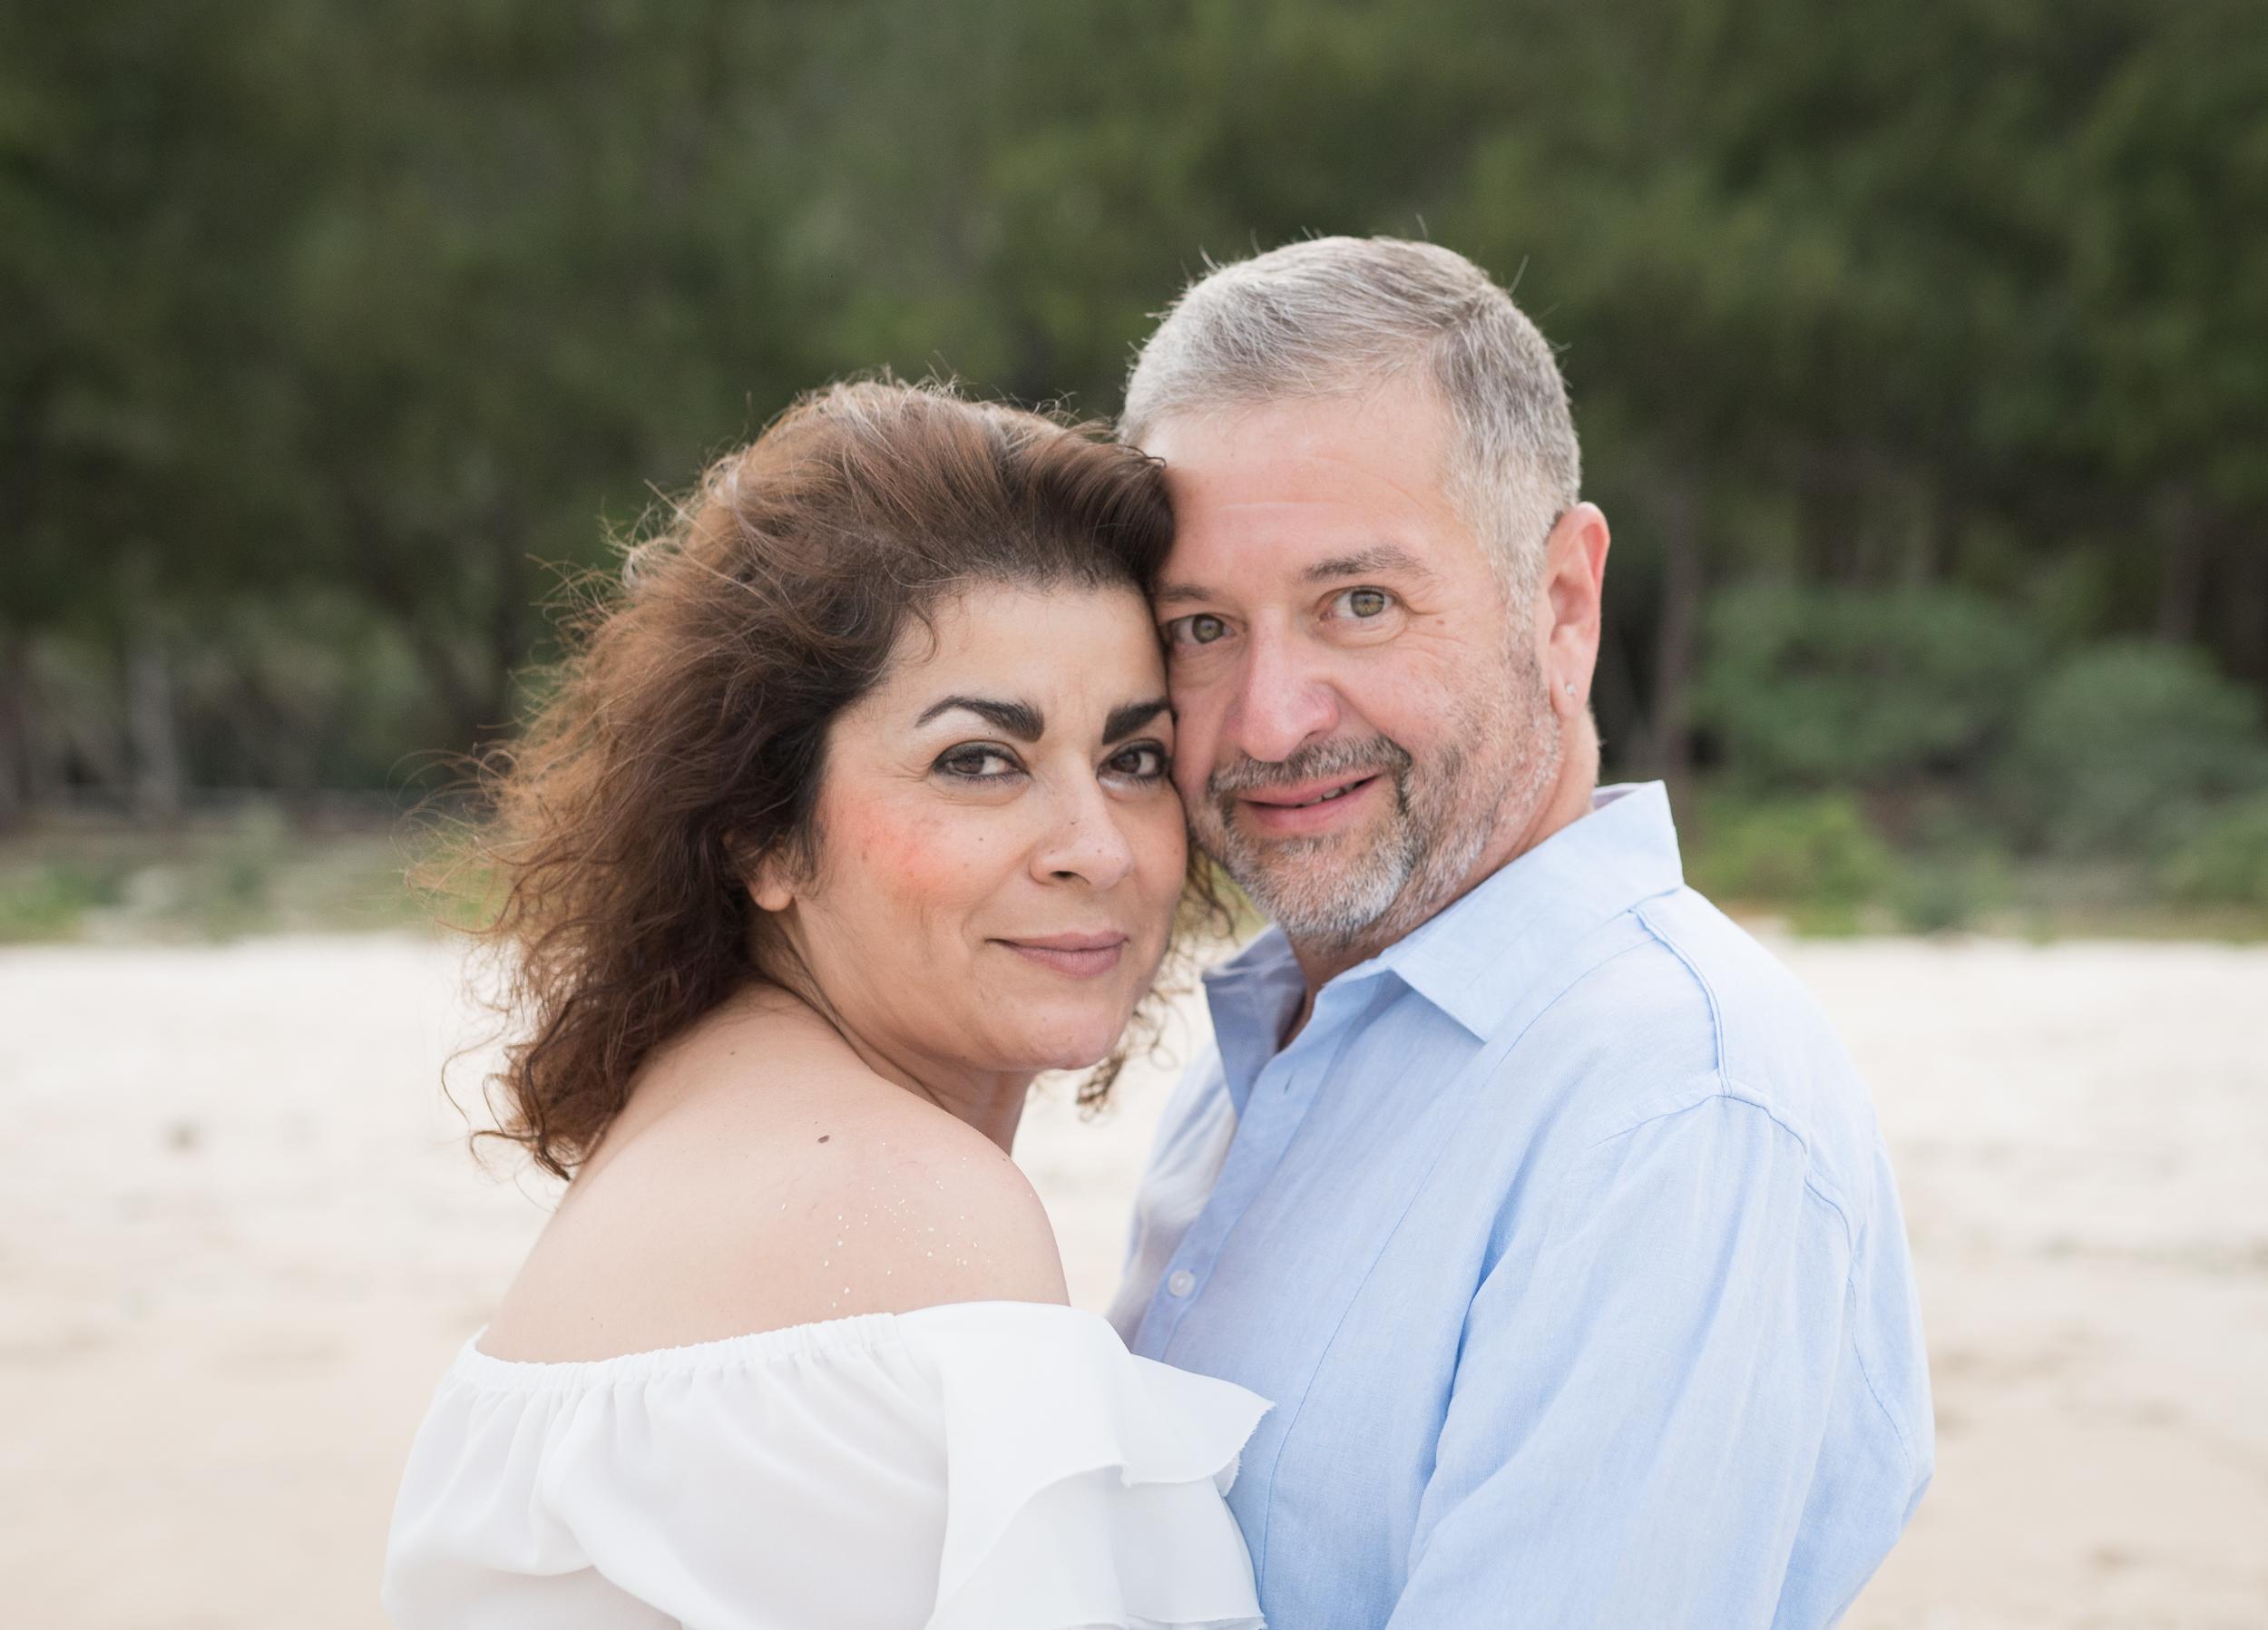 CouplesSessionTaragueGuamPhotographer-ROXANNEAUGUSTA-19.jpg